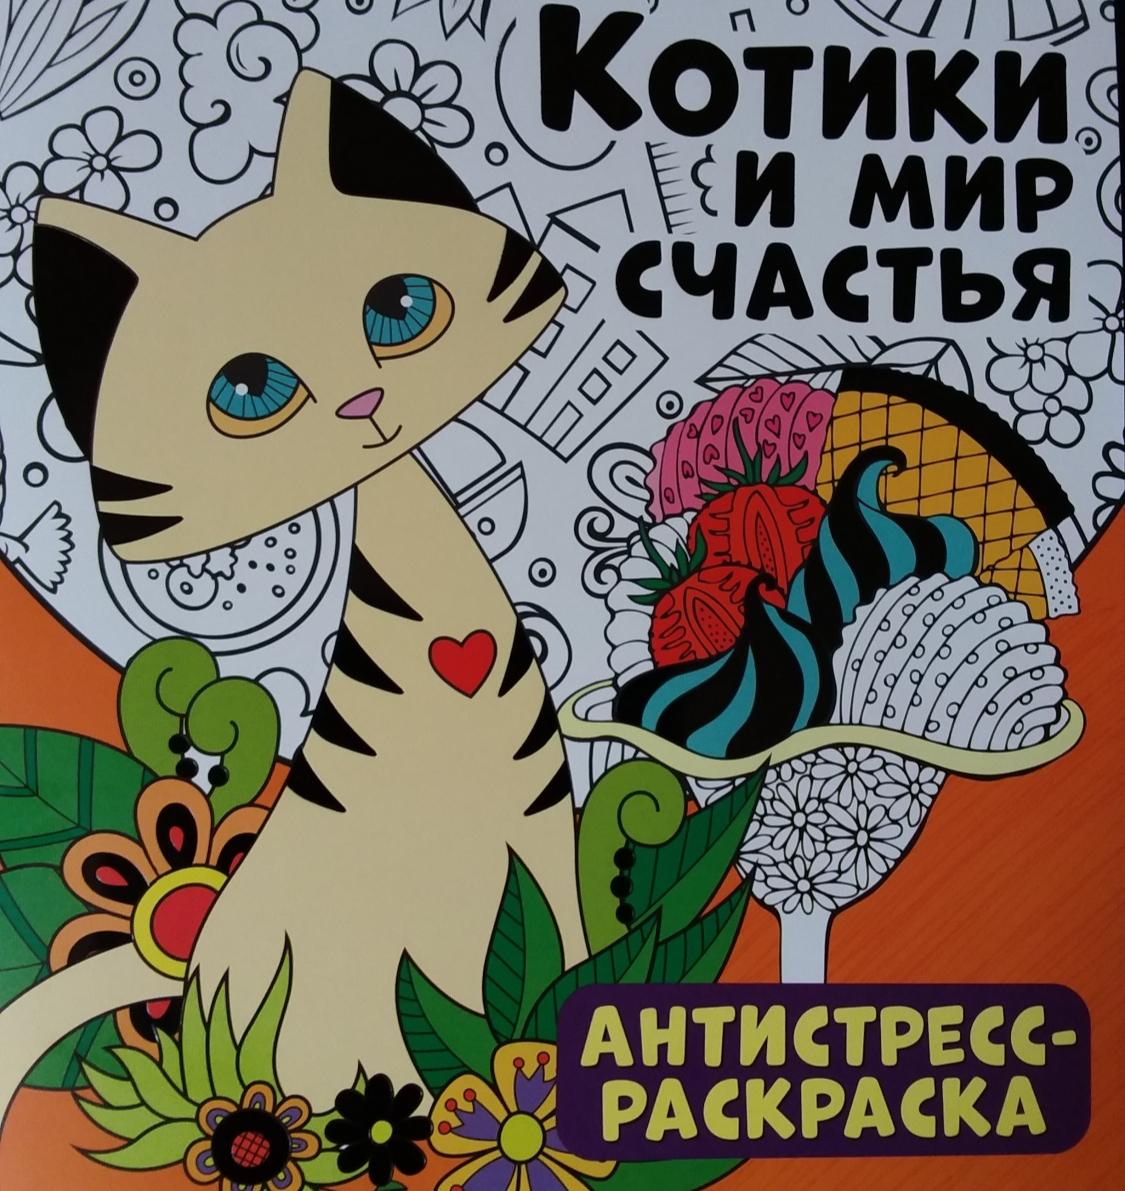 Антистресс раскраска. Котики и мир счастья. Фикс прайс ...